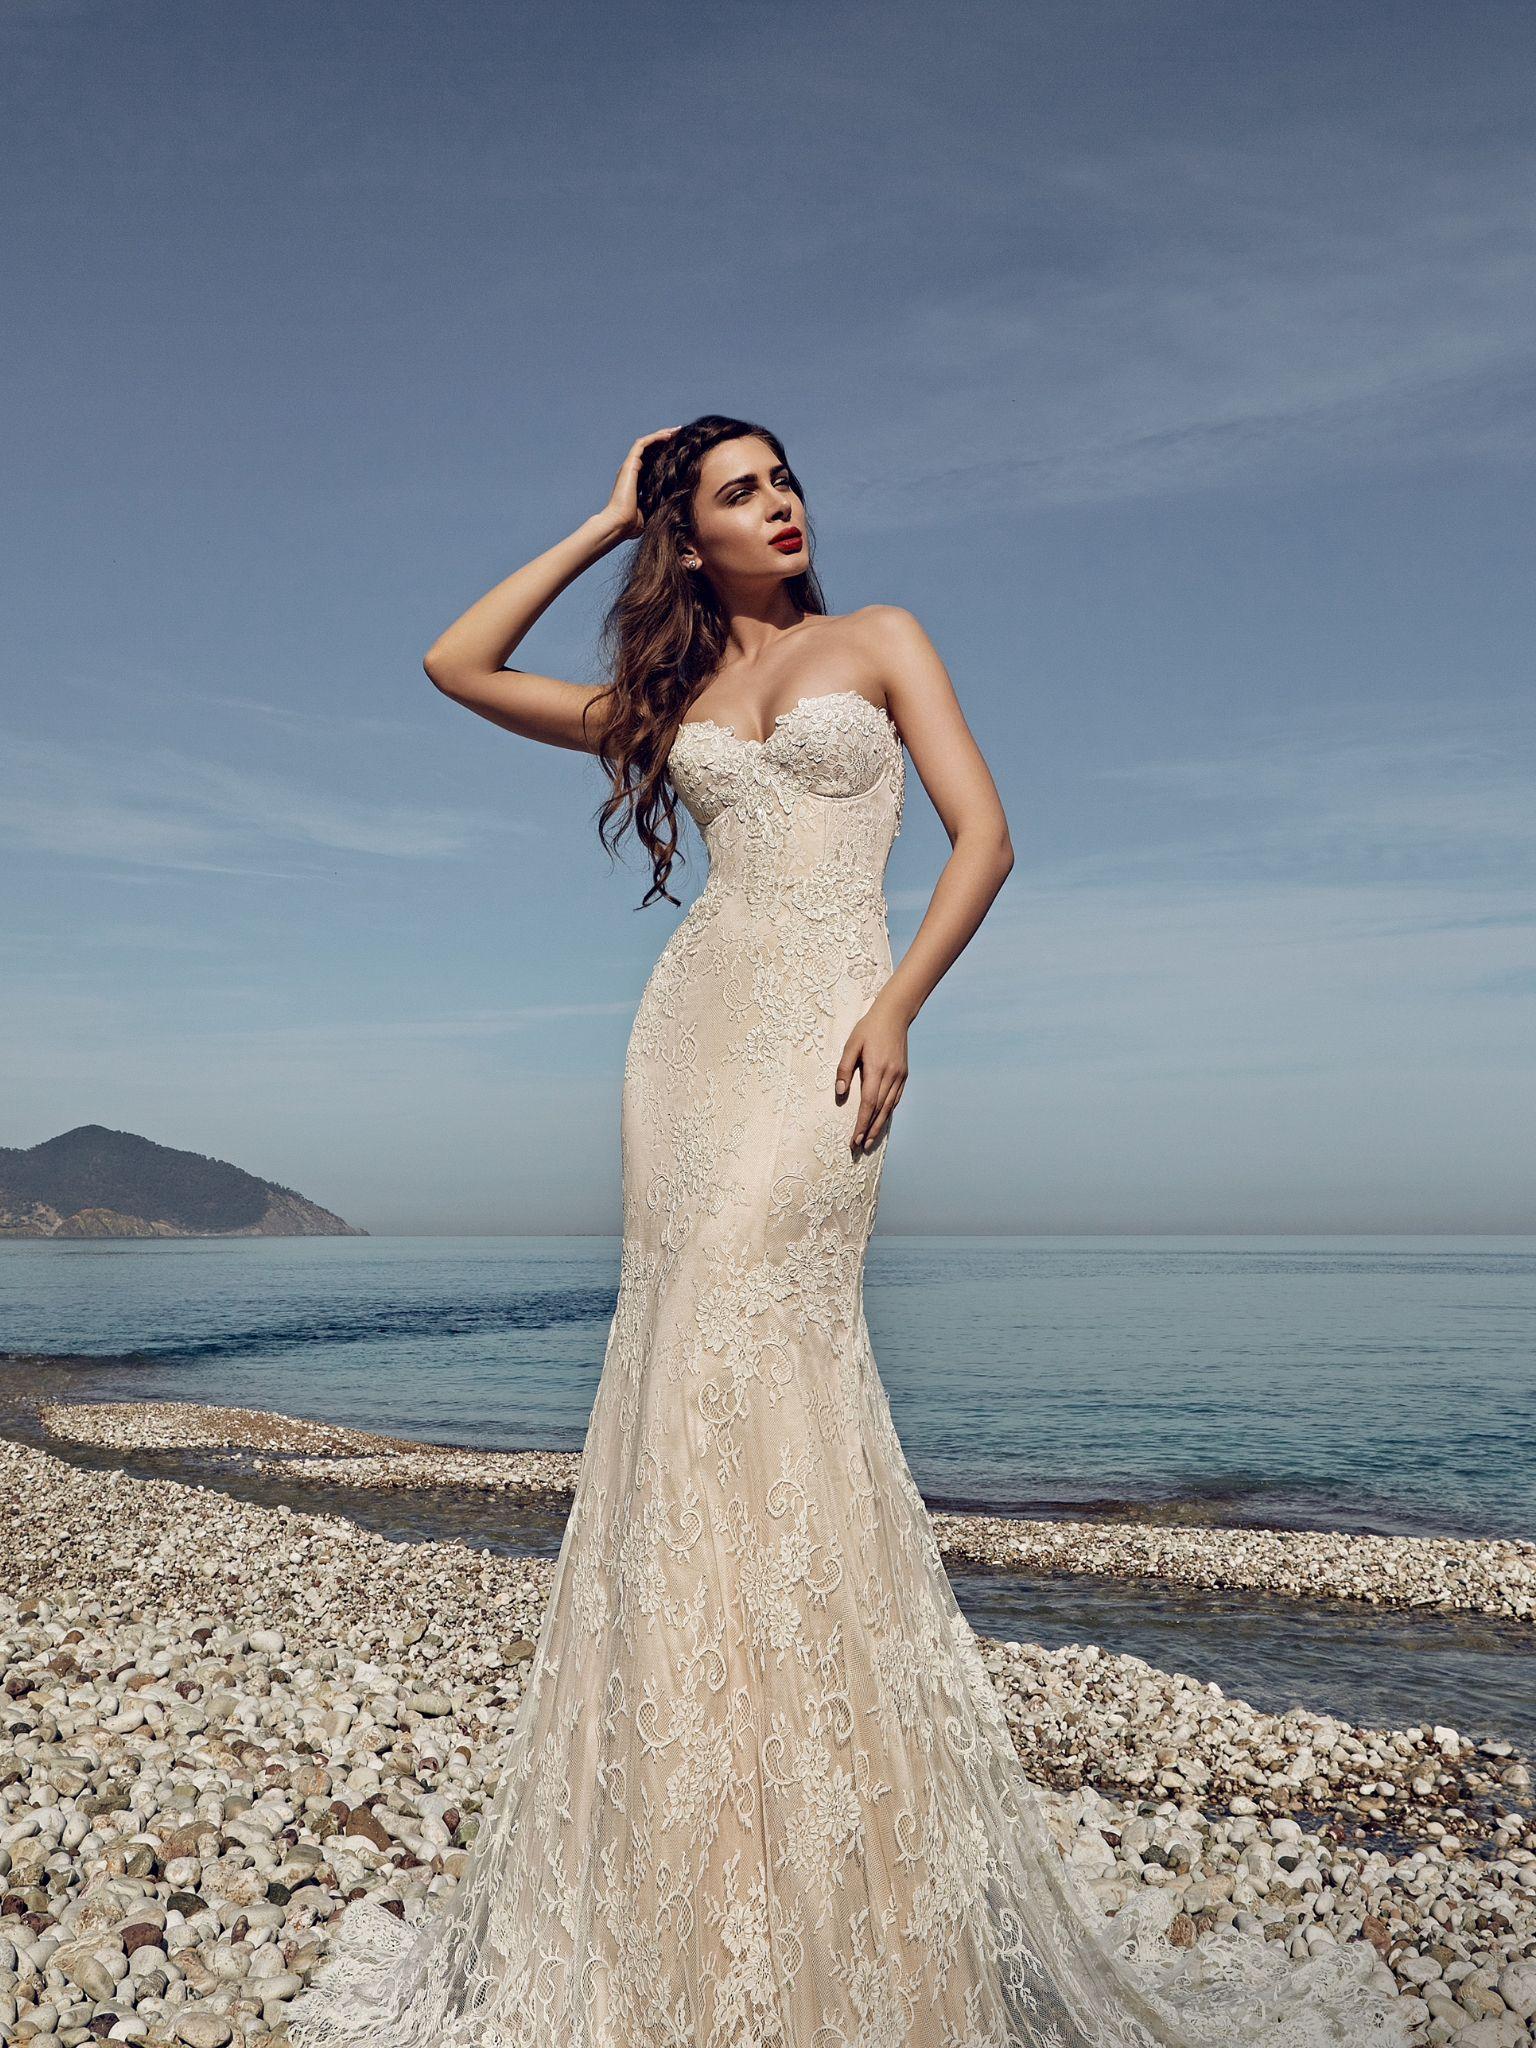 Νυφικα 2017#ρομαντικα νυφικα#νυφικα με εντυπωσιακη πλατη#γοργονε νυφικα#νυφικα με δαντέλα#νυφικα αερινα#νυφικα σε ίσια γραμμή# www.istoriesgamou.gr